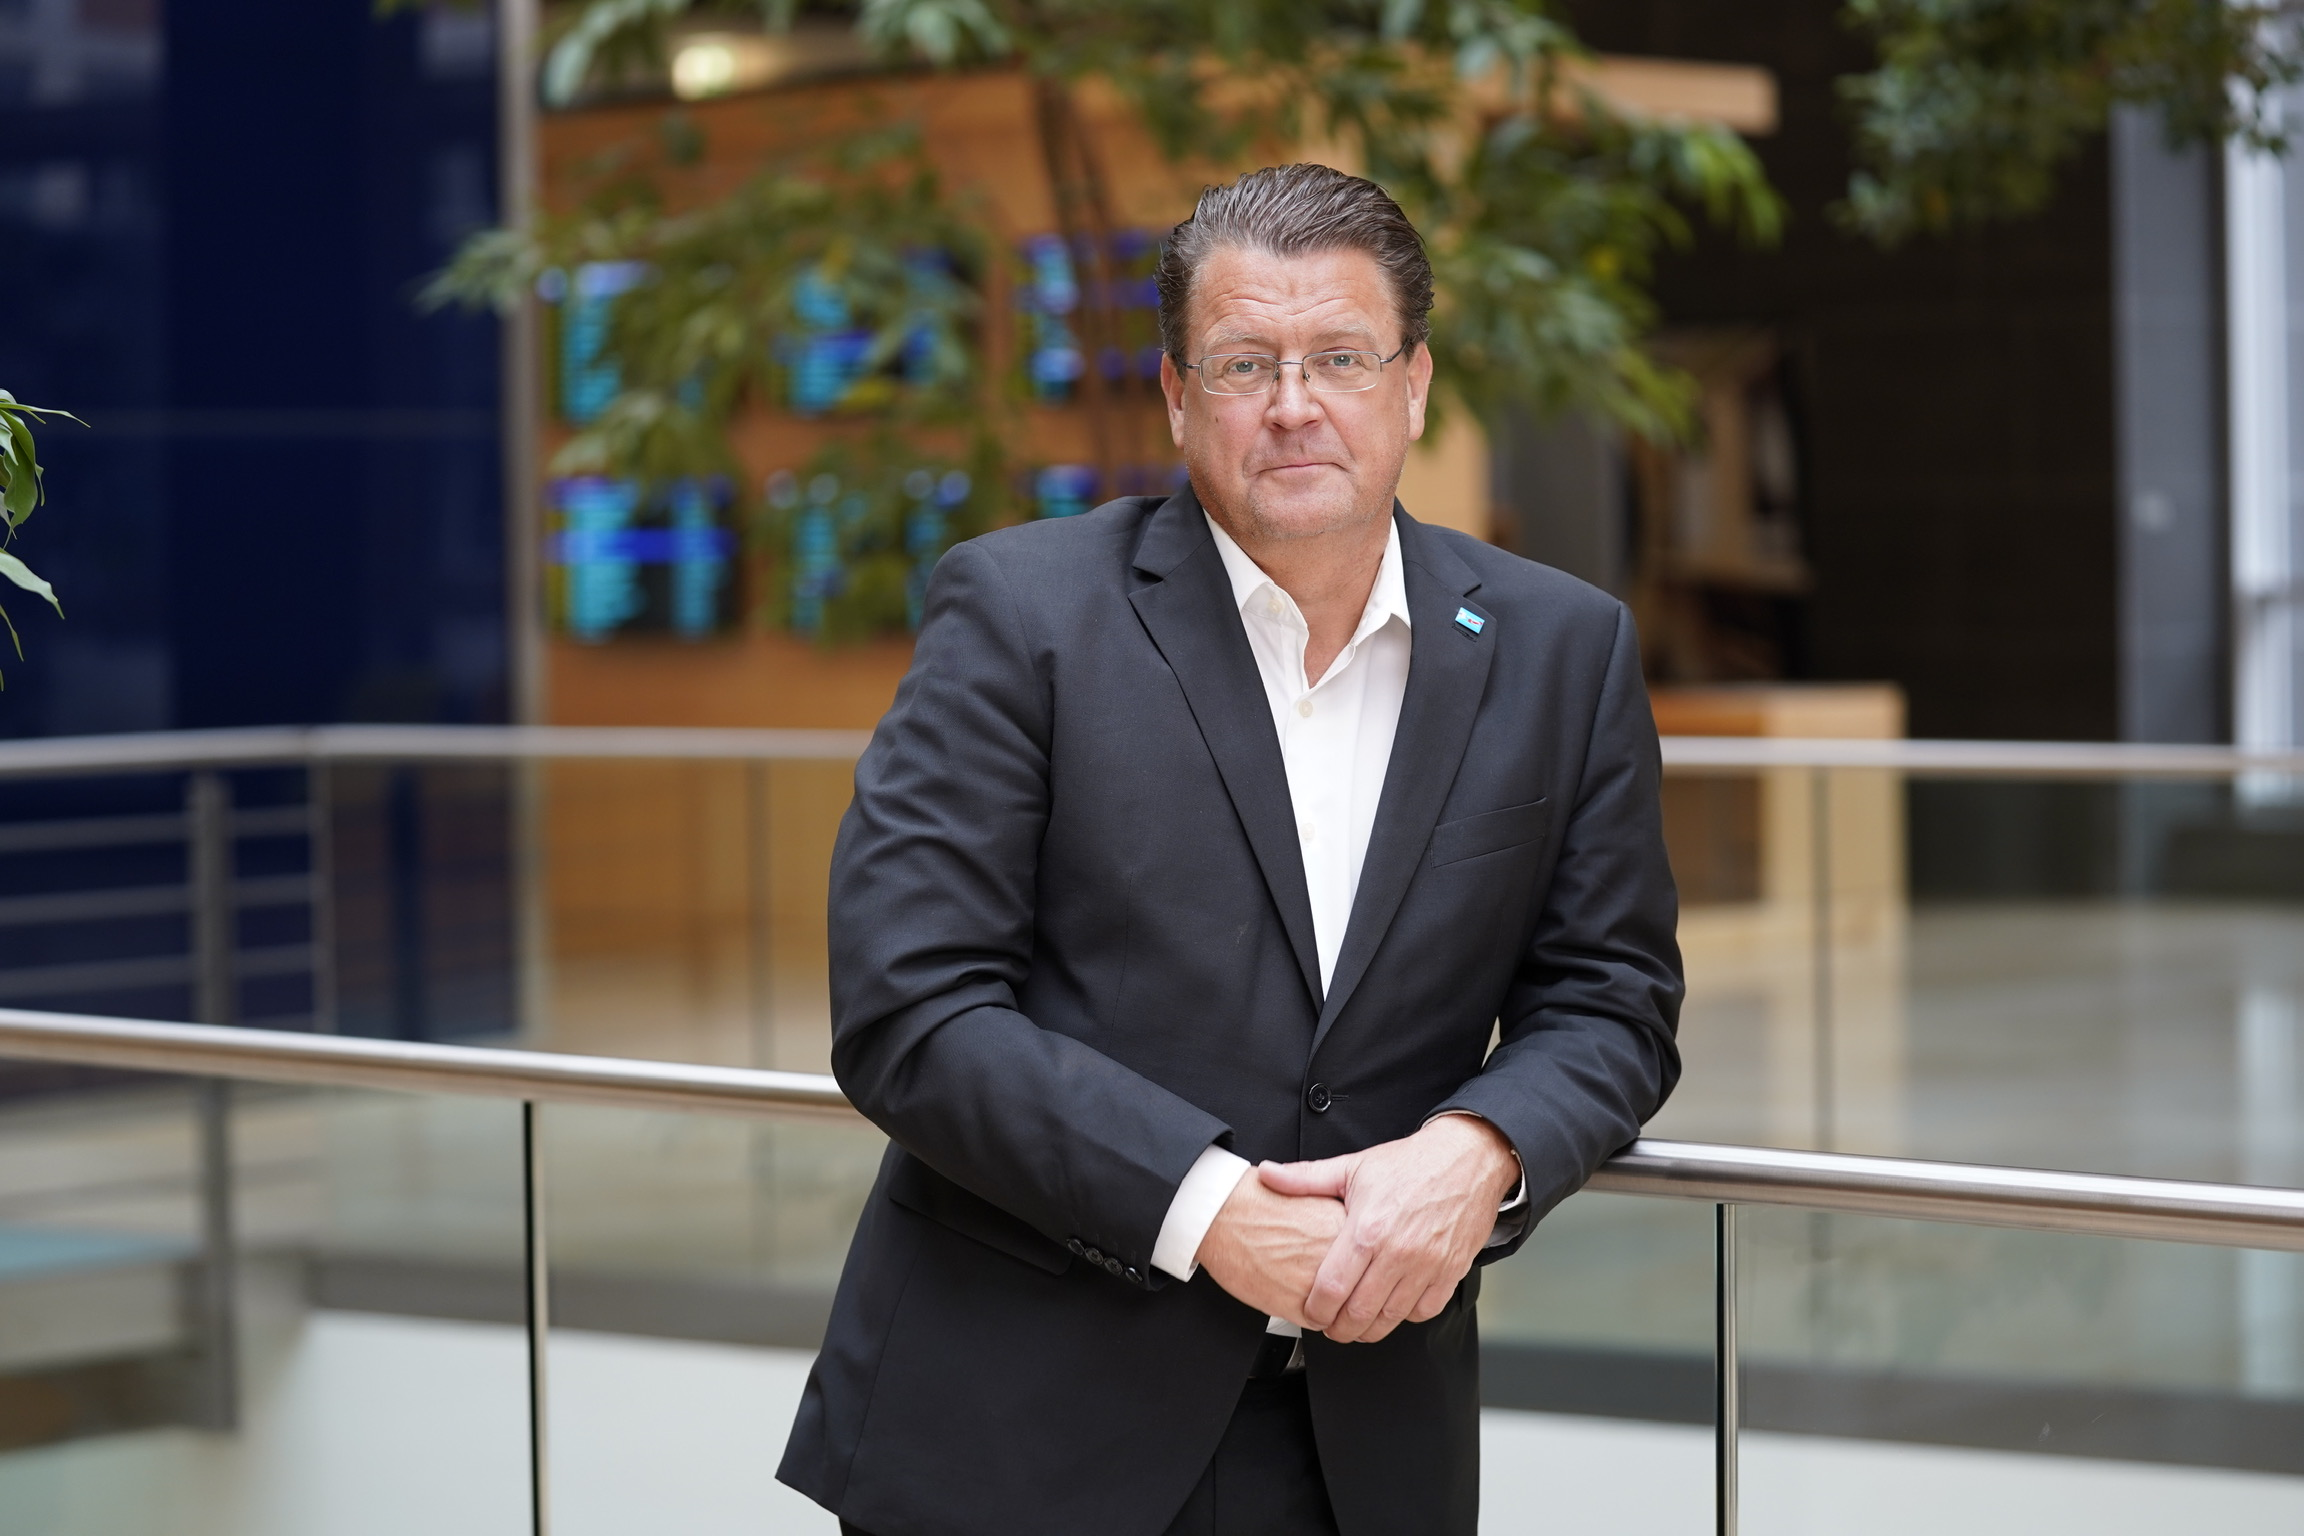 Stephan Brandner